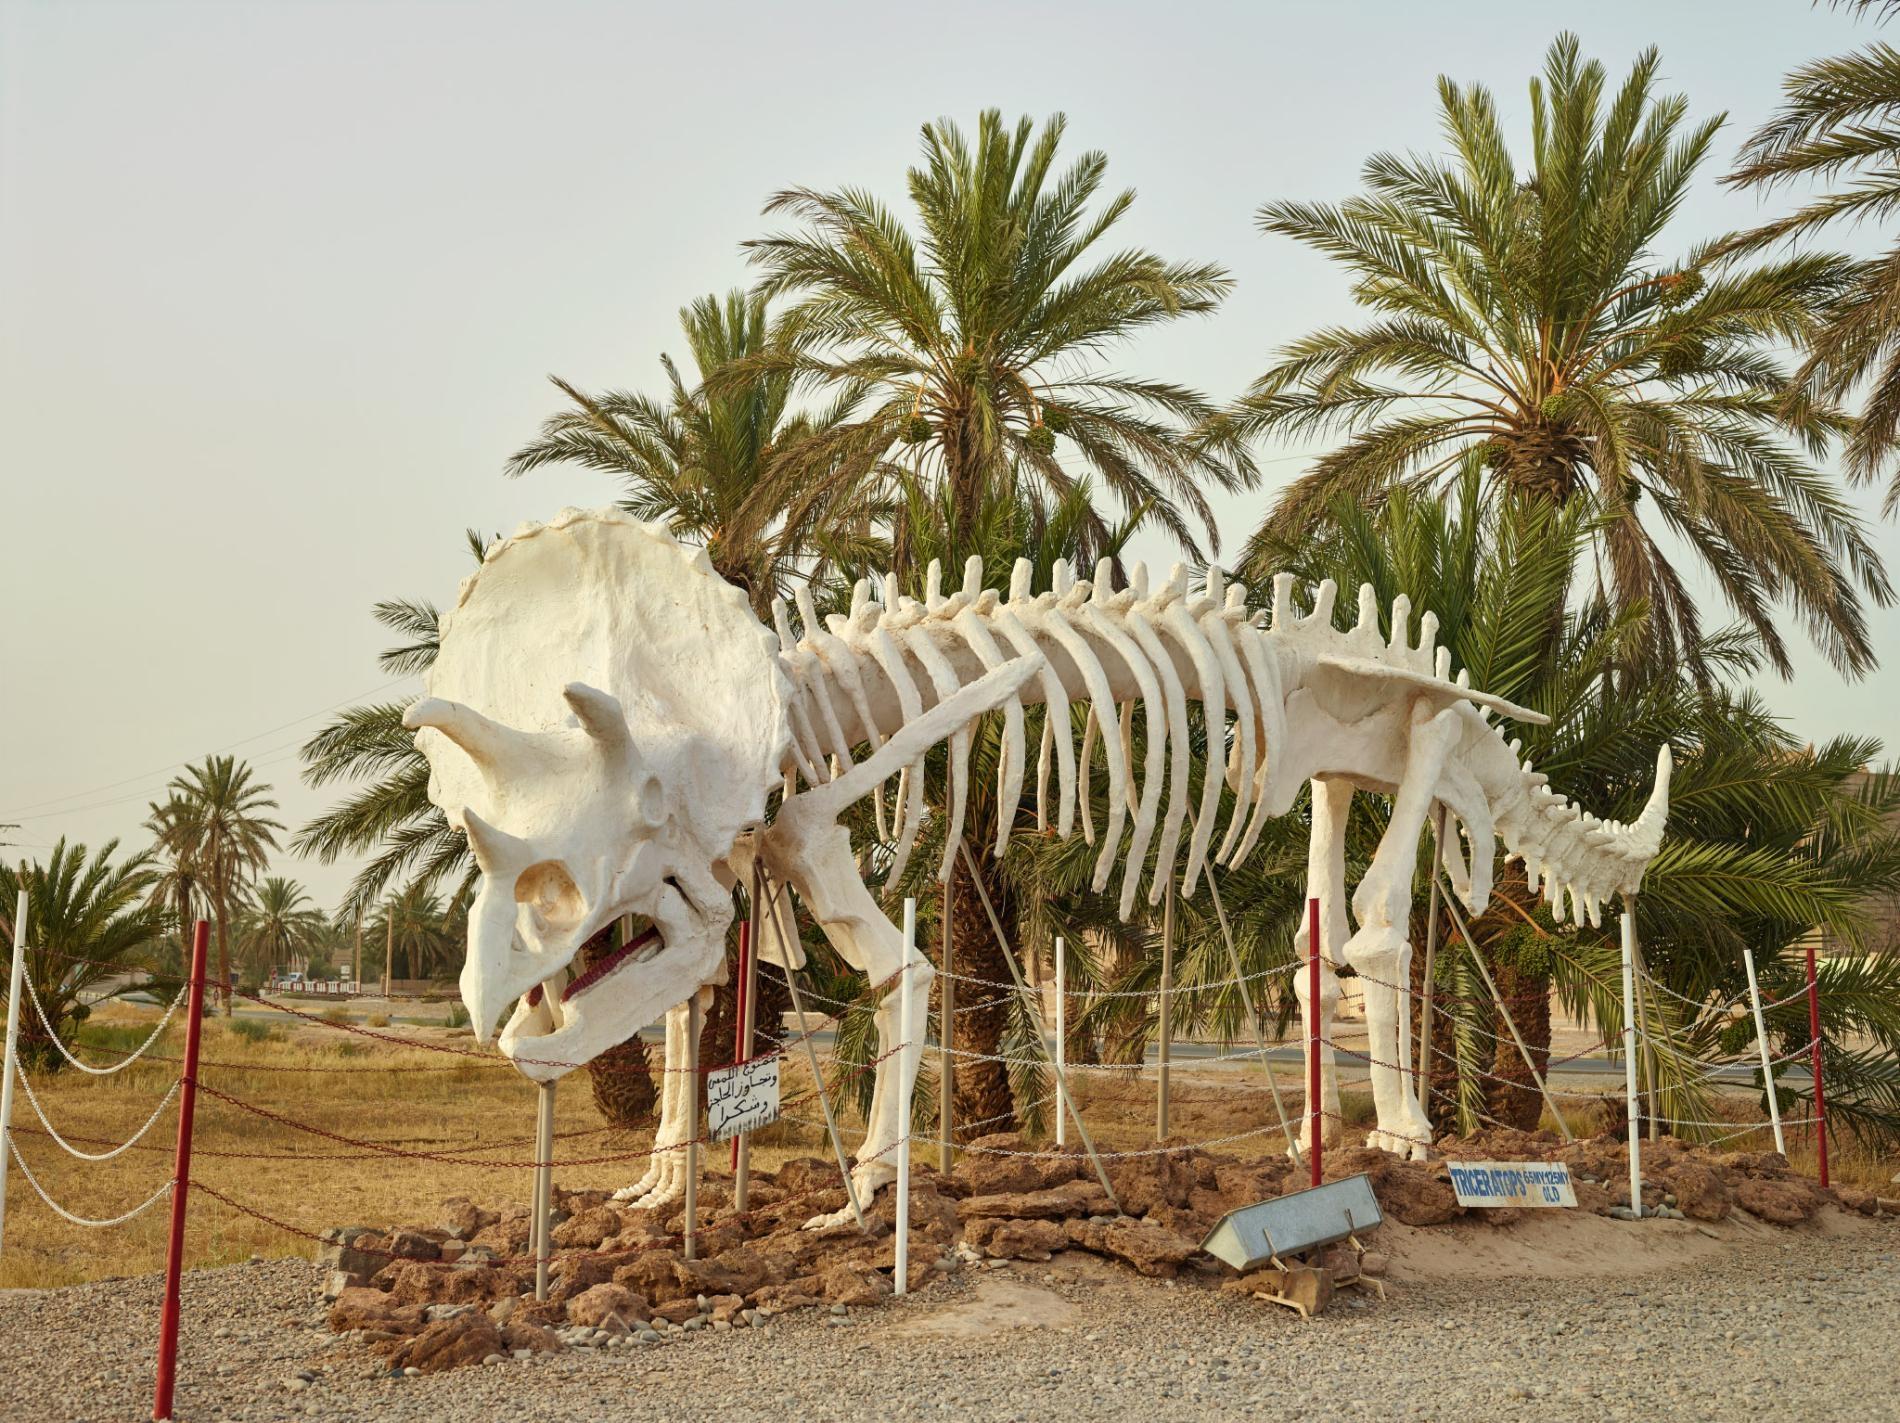 摩洛哥里薩尼(Rissani)附近塔希里化石博物館(Tahiri Fossil Museum)外的三角龍雕像,這是發現於北美洲的物種。摩洛哥雖然有自己的恐龍,牠們的知名度卻不及美洲遠親。PHOTOGRAPH BY PAOLO VERZONE, NATIONAL GEOGRAPHIC